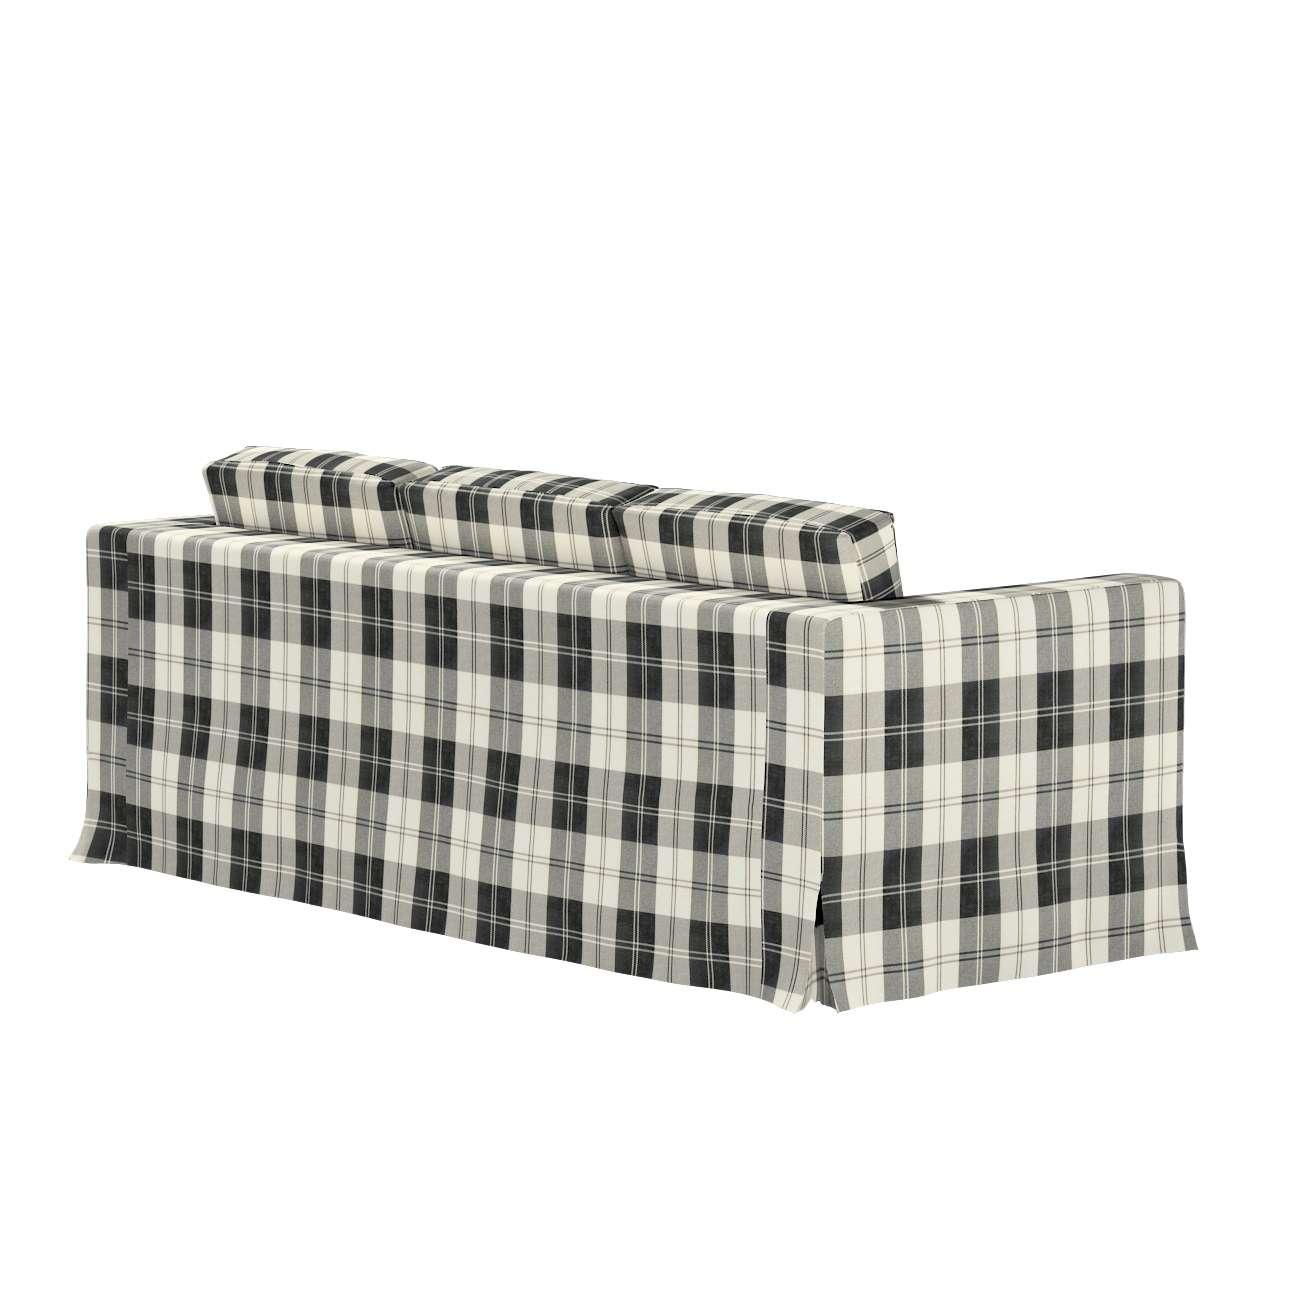 Bezug für Karlanda 3-Sitzer Sofa nicht ausklappbar, lang von der Kollektion Edinburgh , Stoff: 115-74